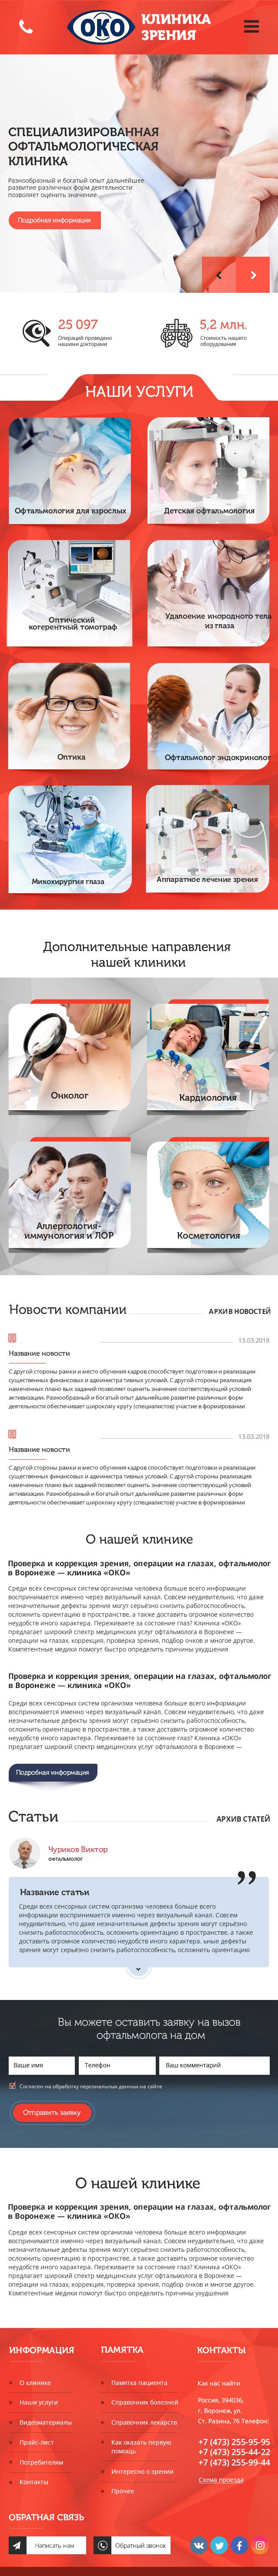 примеры сайтов медицина Клиника зрения «ОКО» 640 px